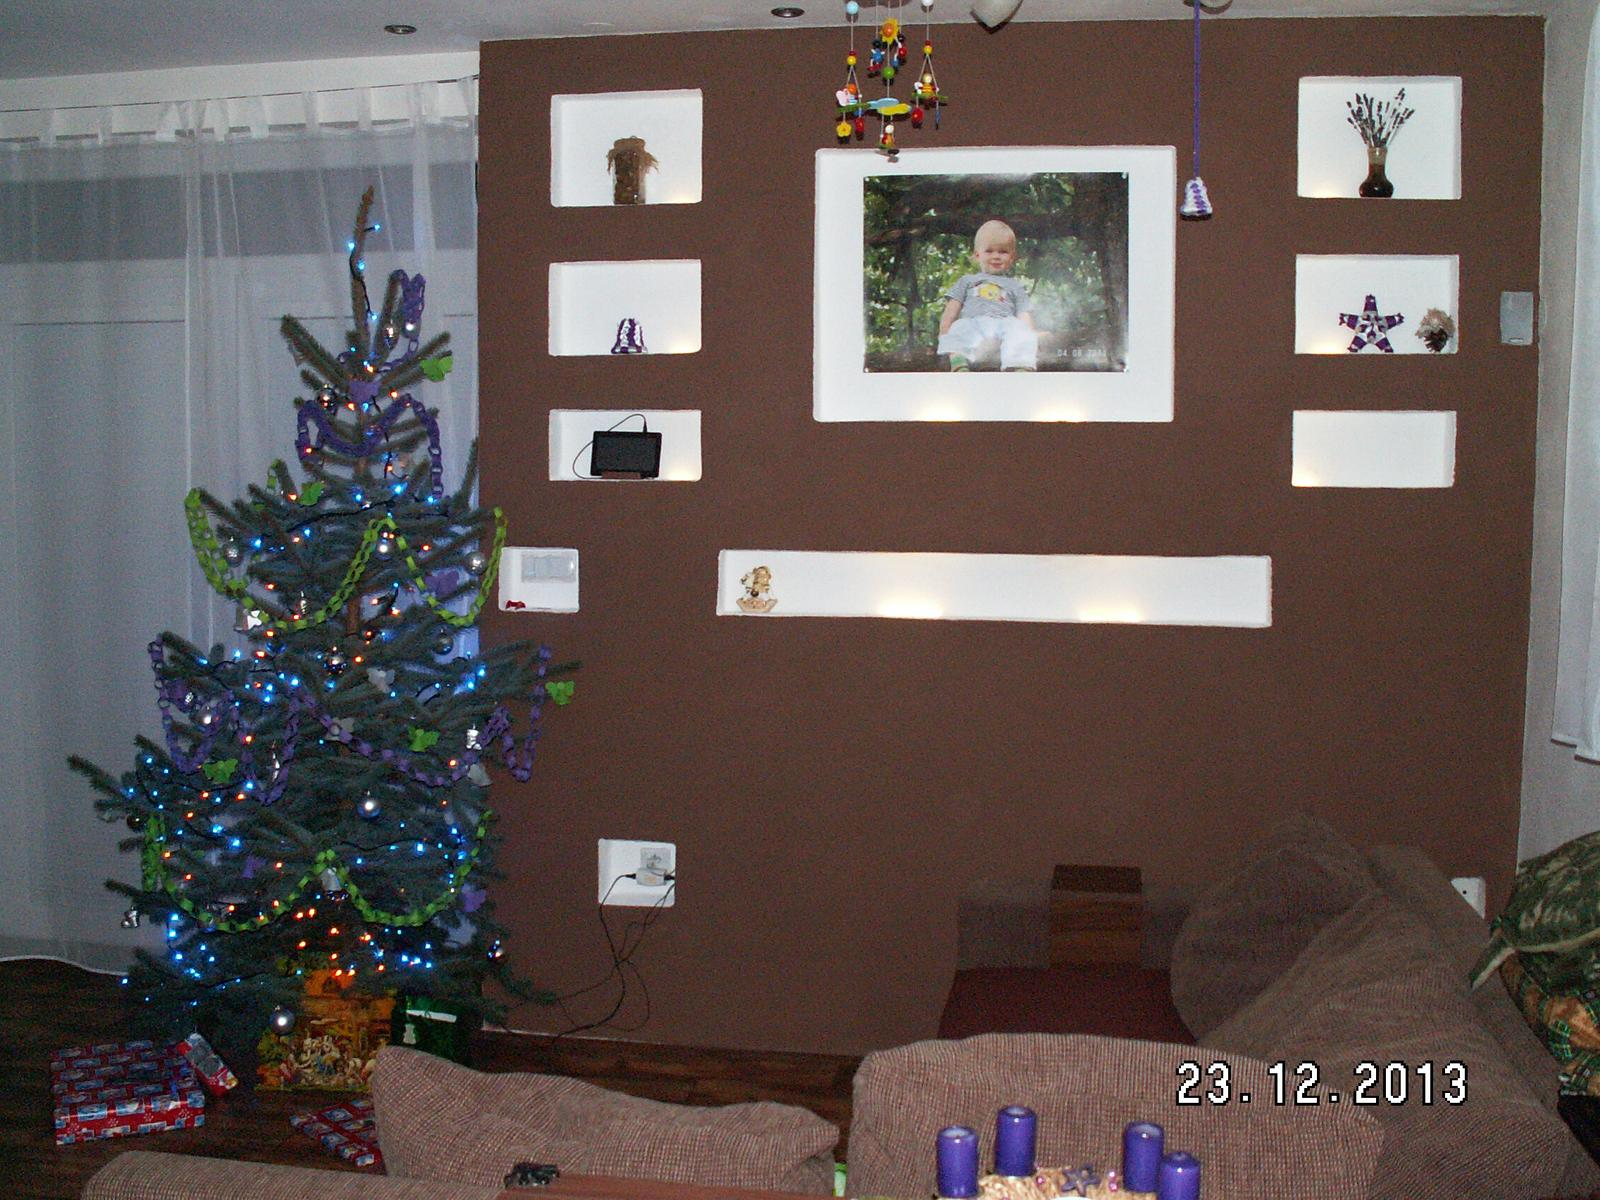 Hurá od 23.12.2010 bydlíme - stěna hotová a stihli jsme ji v termínu - 22.12. jsme malovali:-)